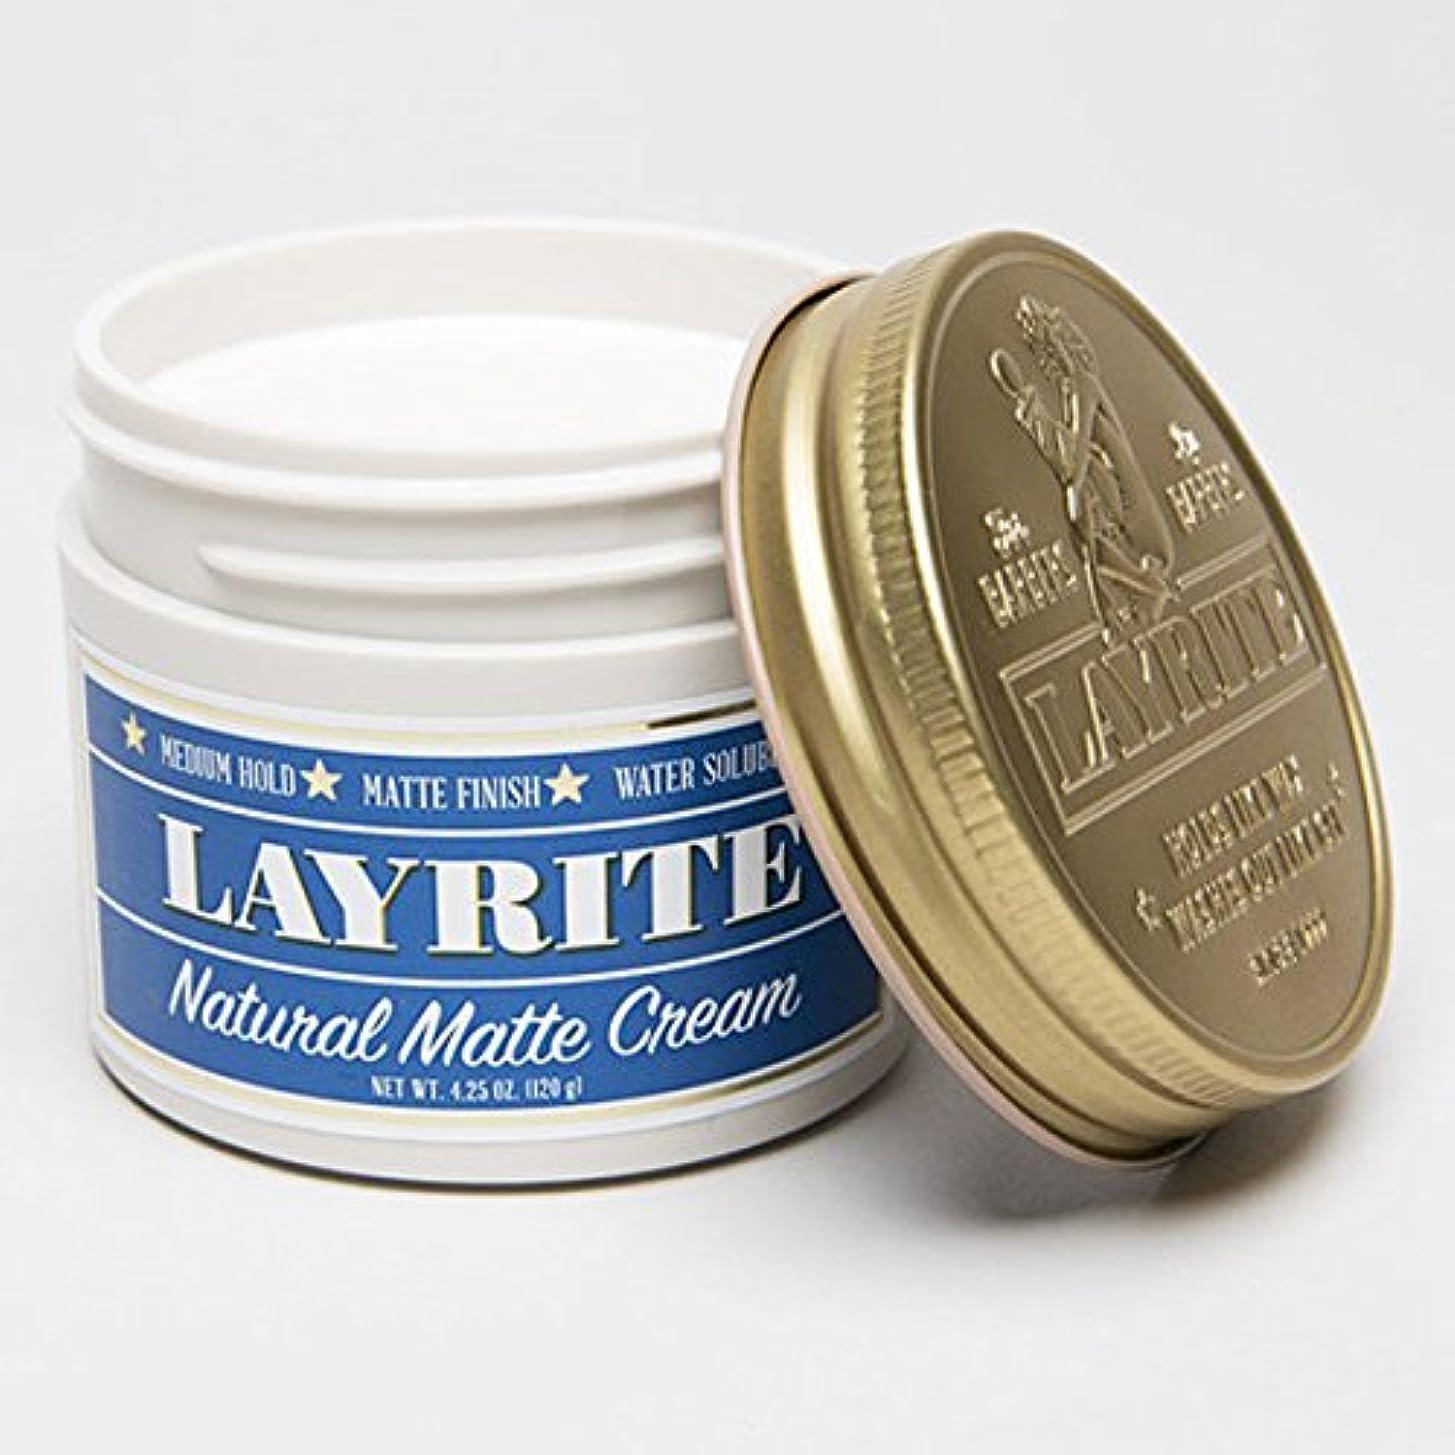 クロス夢中公LAYRITE レイライト 【Natural Matte Cream Pomade】 水性ポマード ミディアムホールド 4.25OZ(約120G)